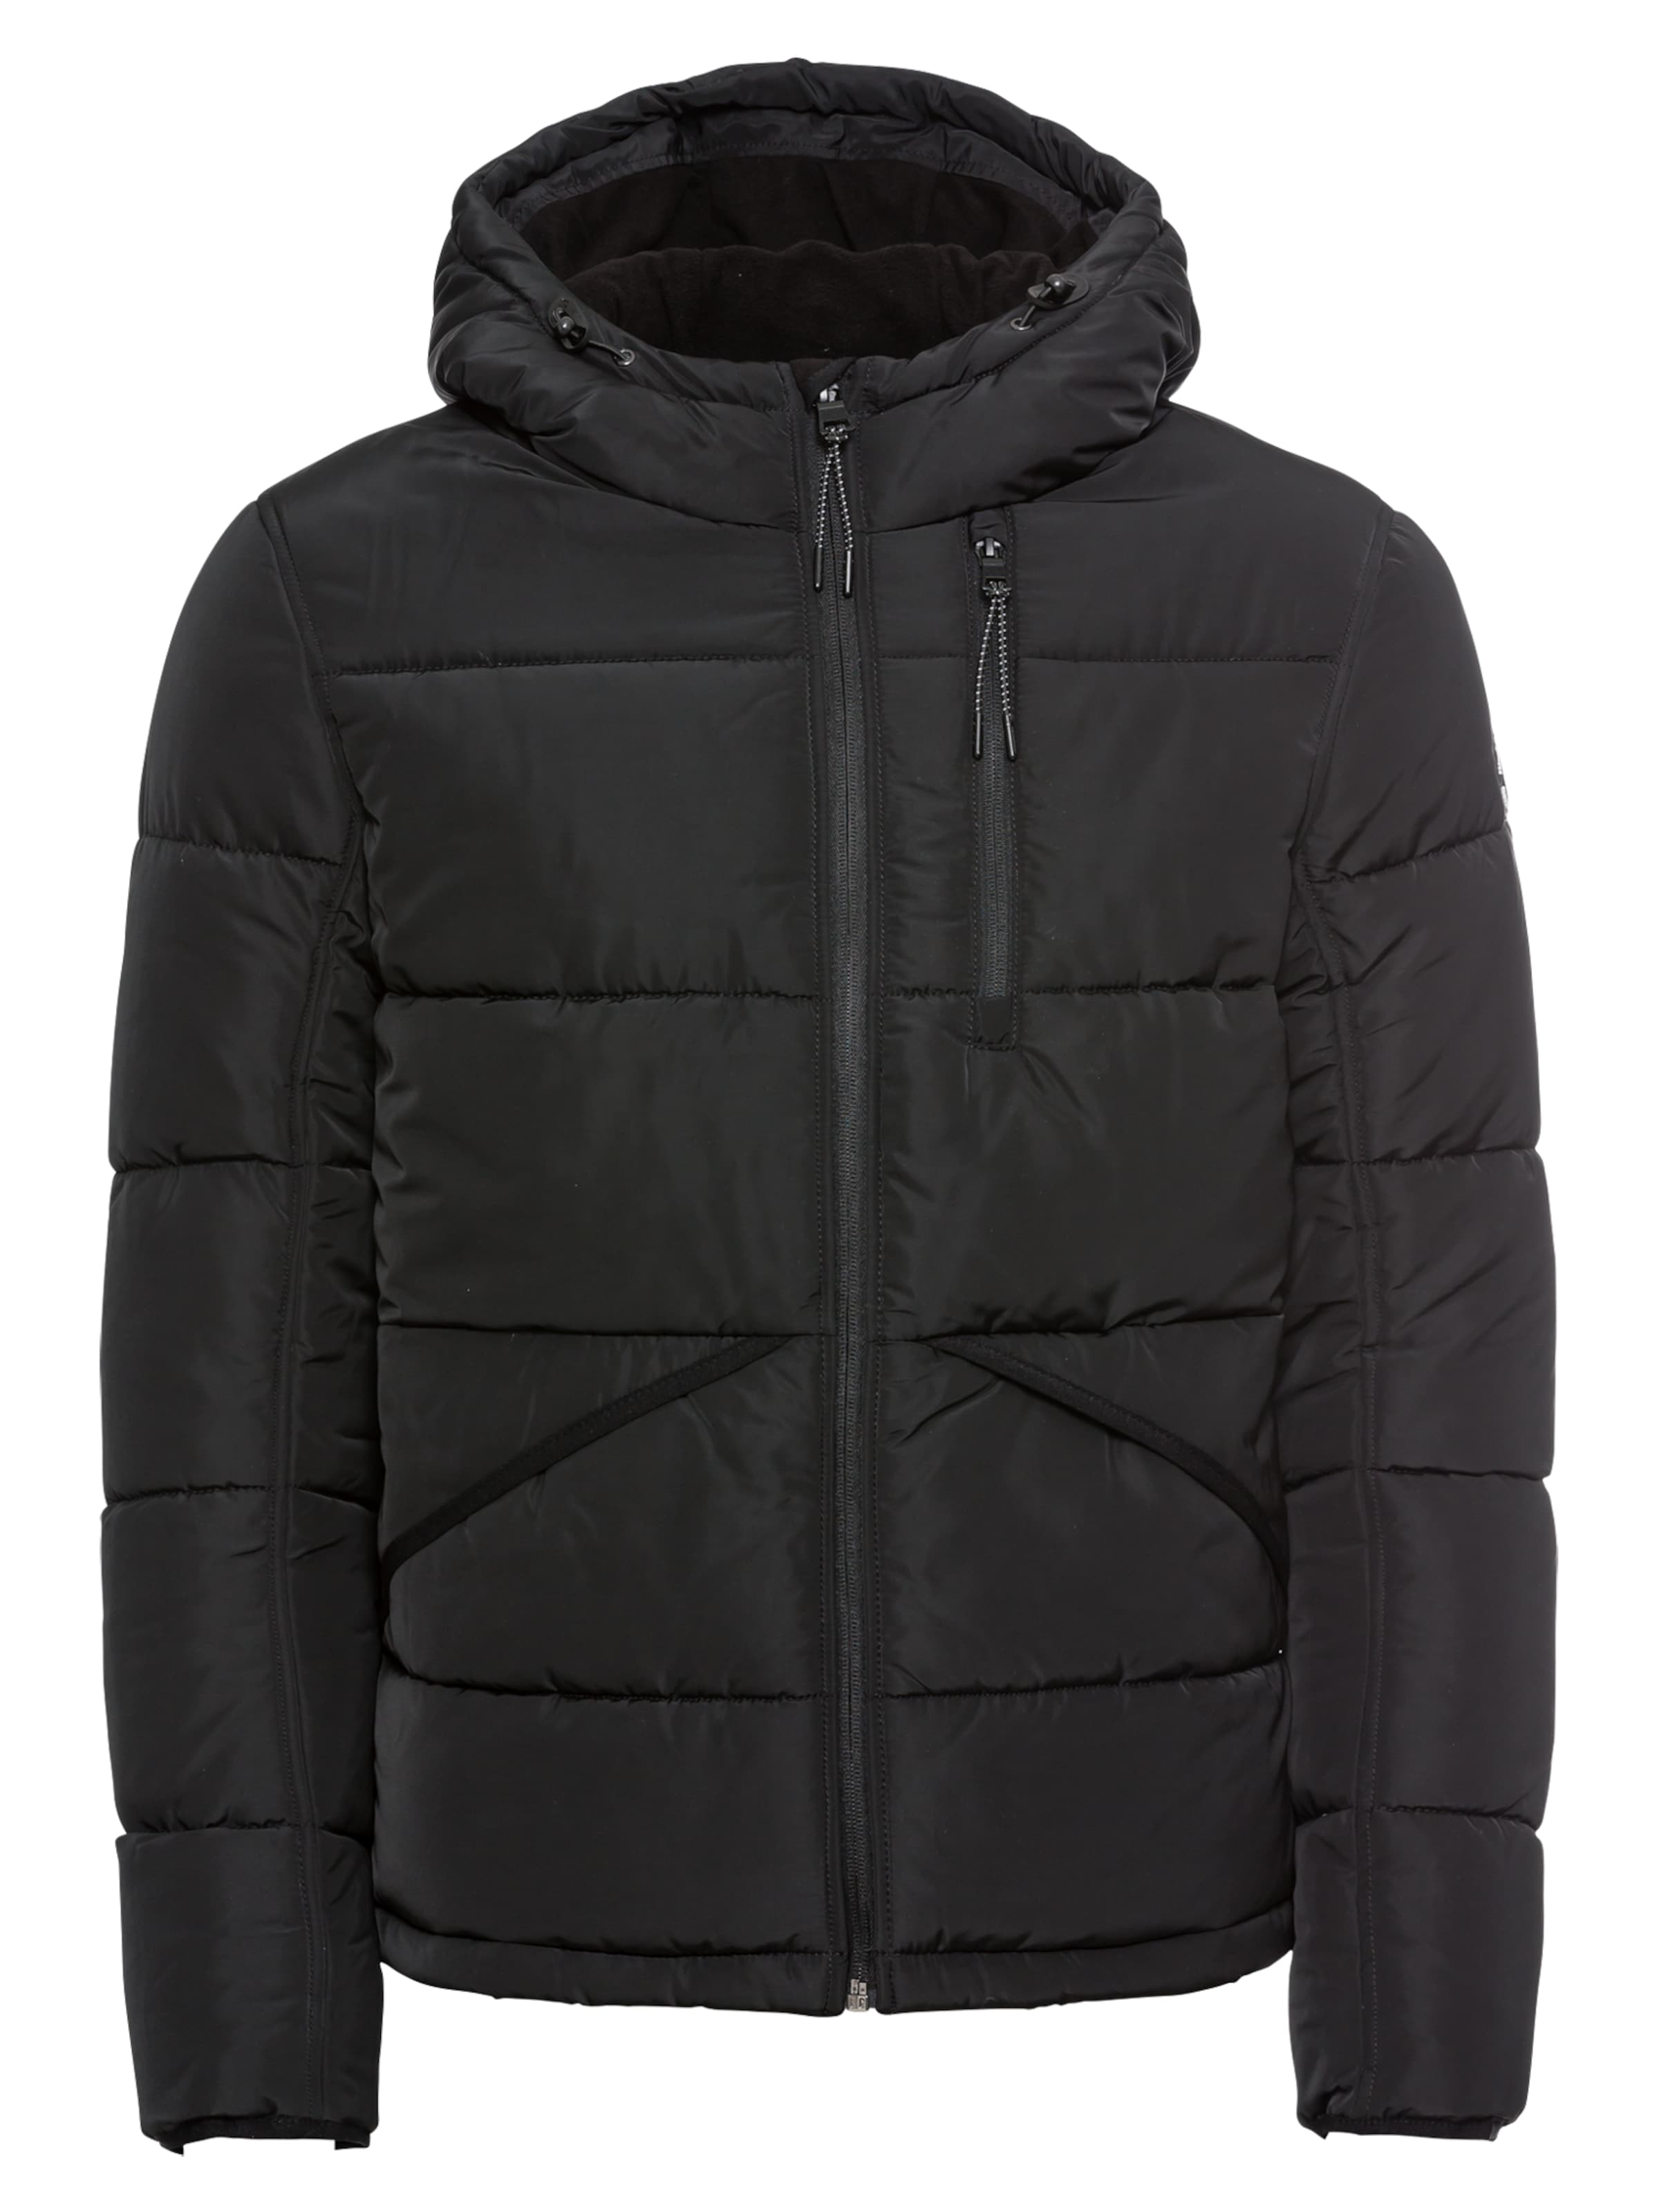 Veste D'hiver Noir En Tom Tailor MVUSpGzq